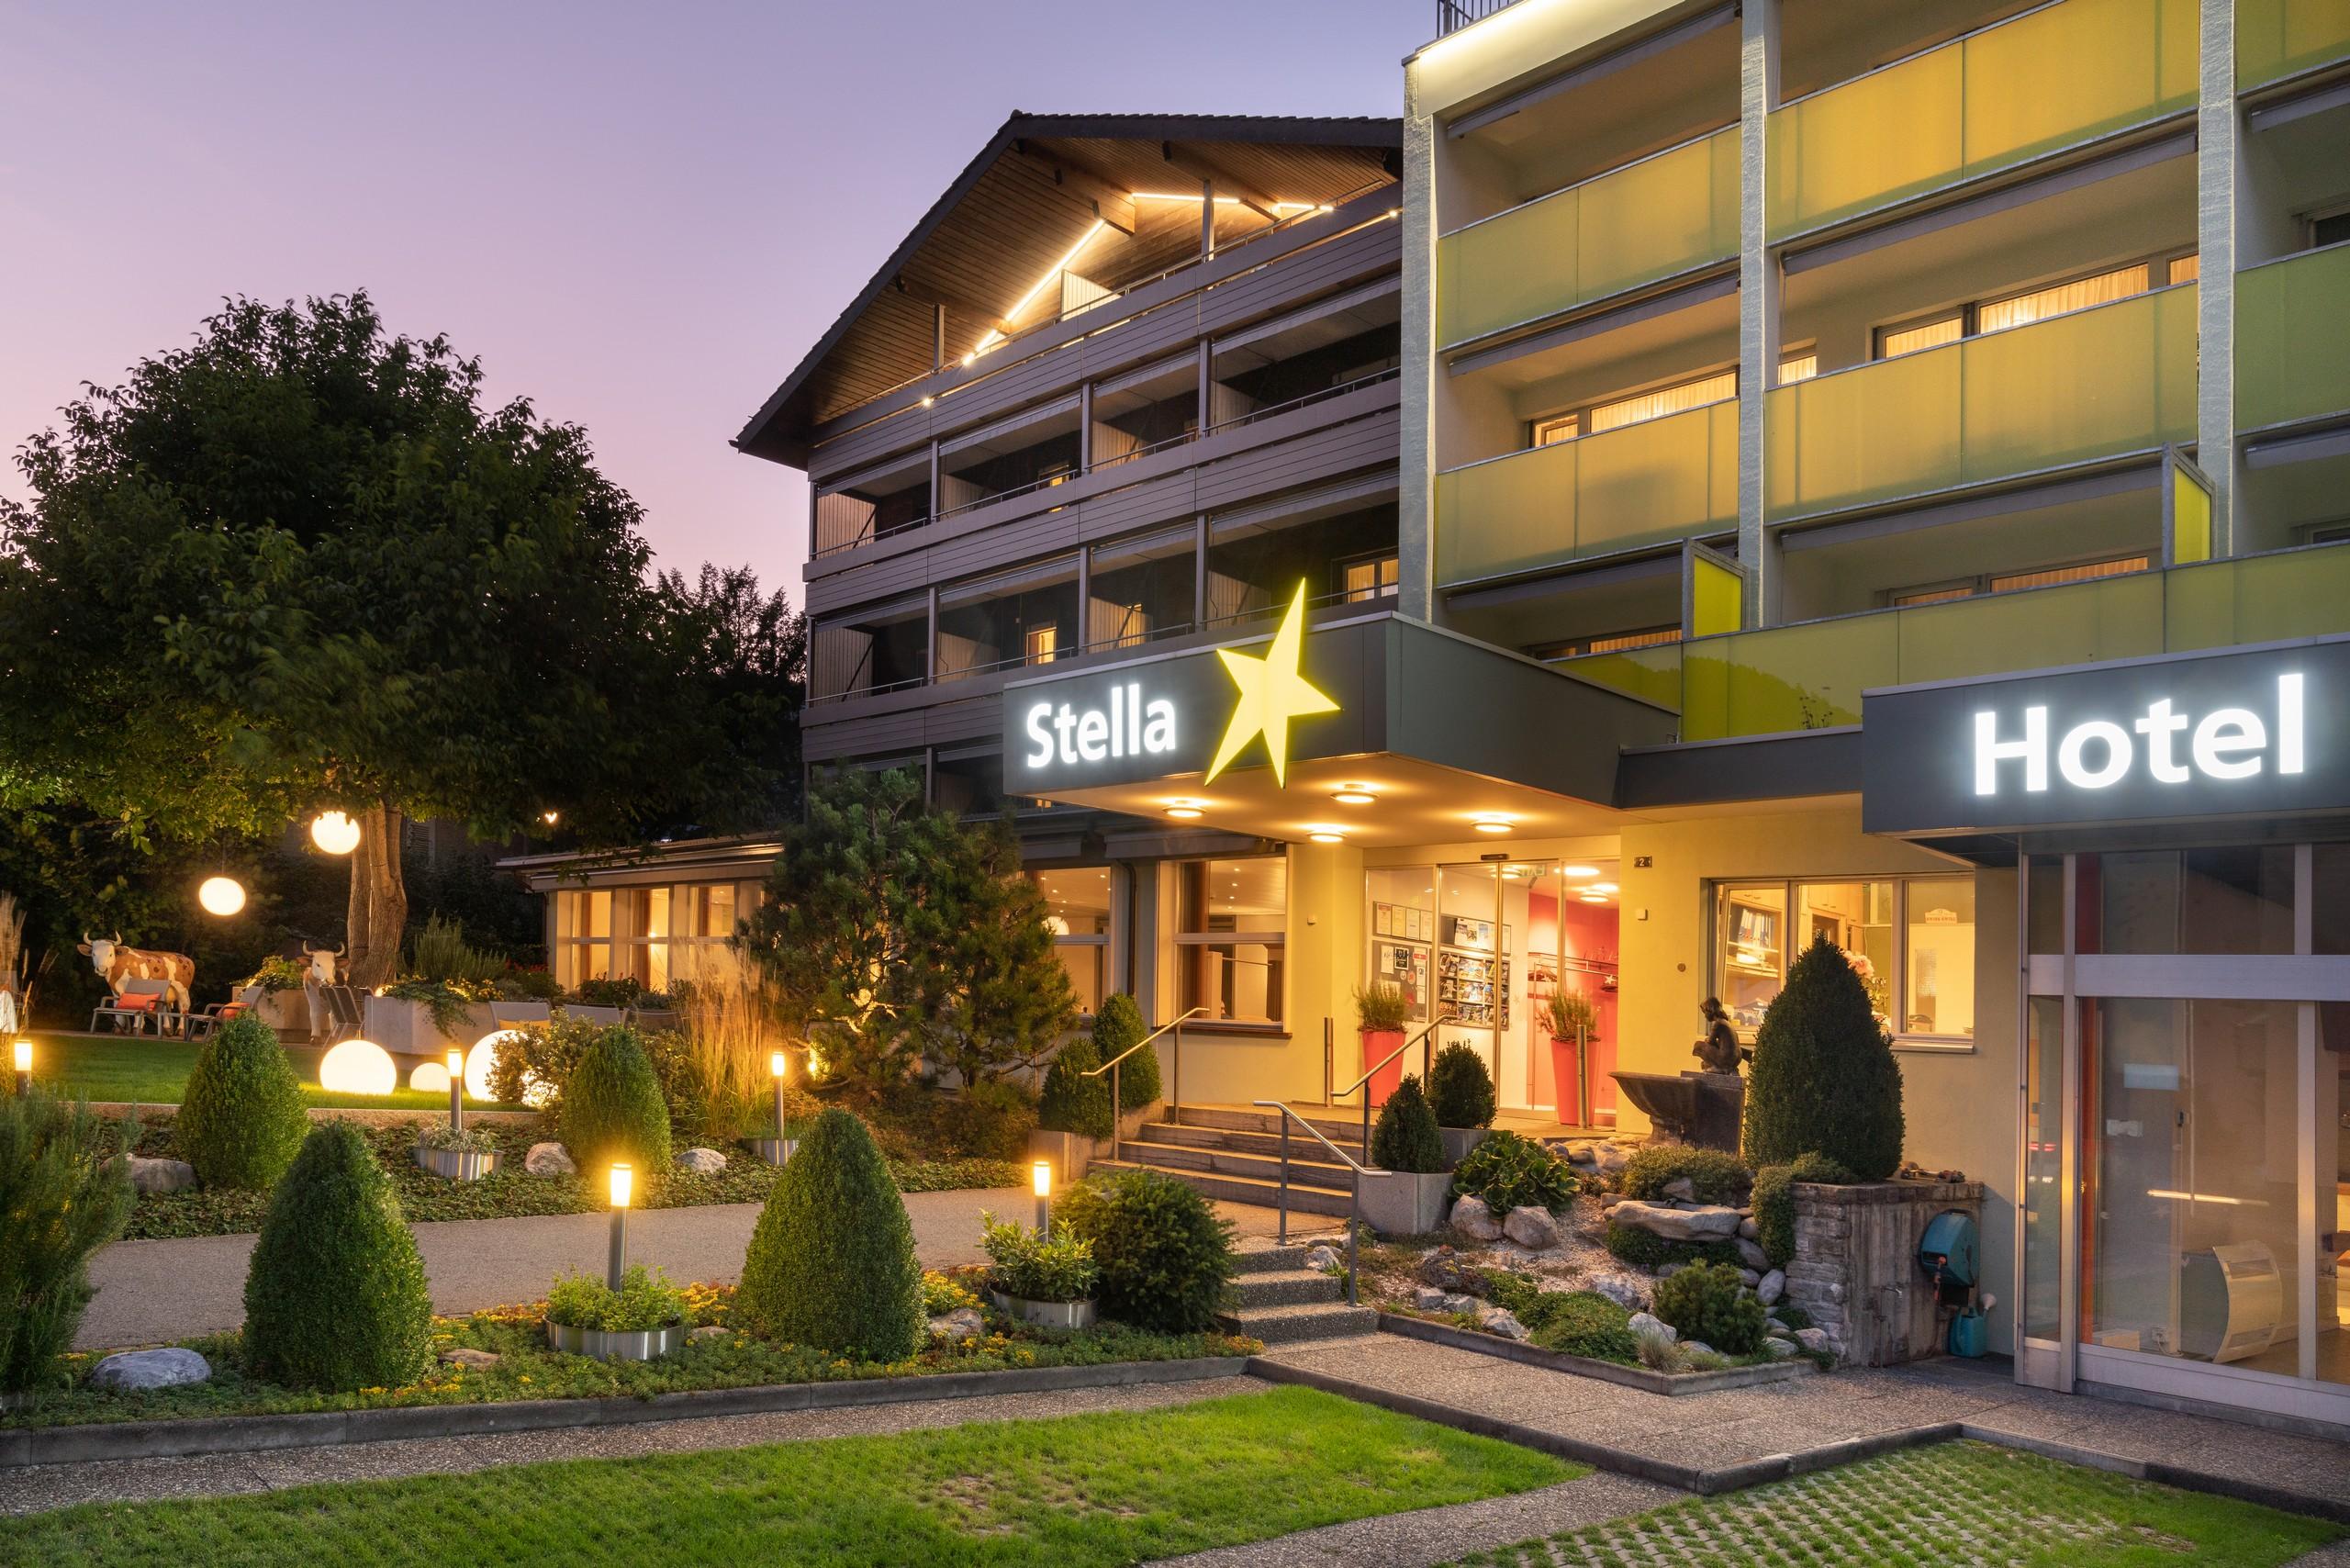 stella-hotel-aussenansicht